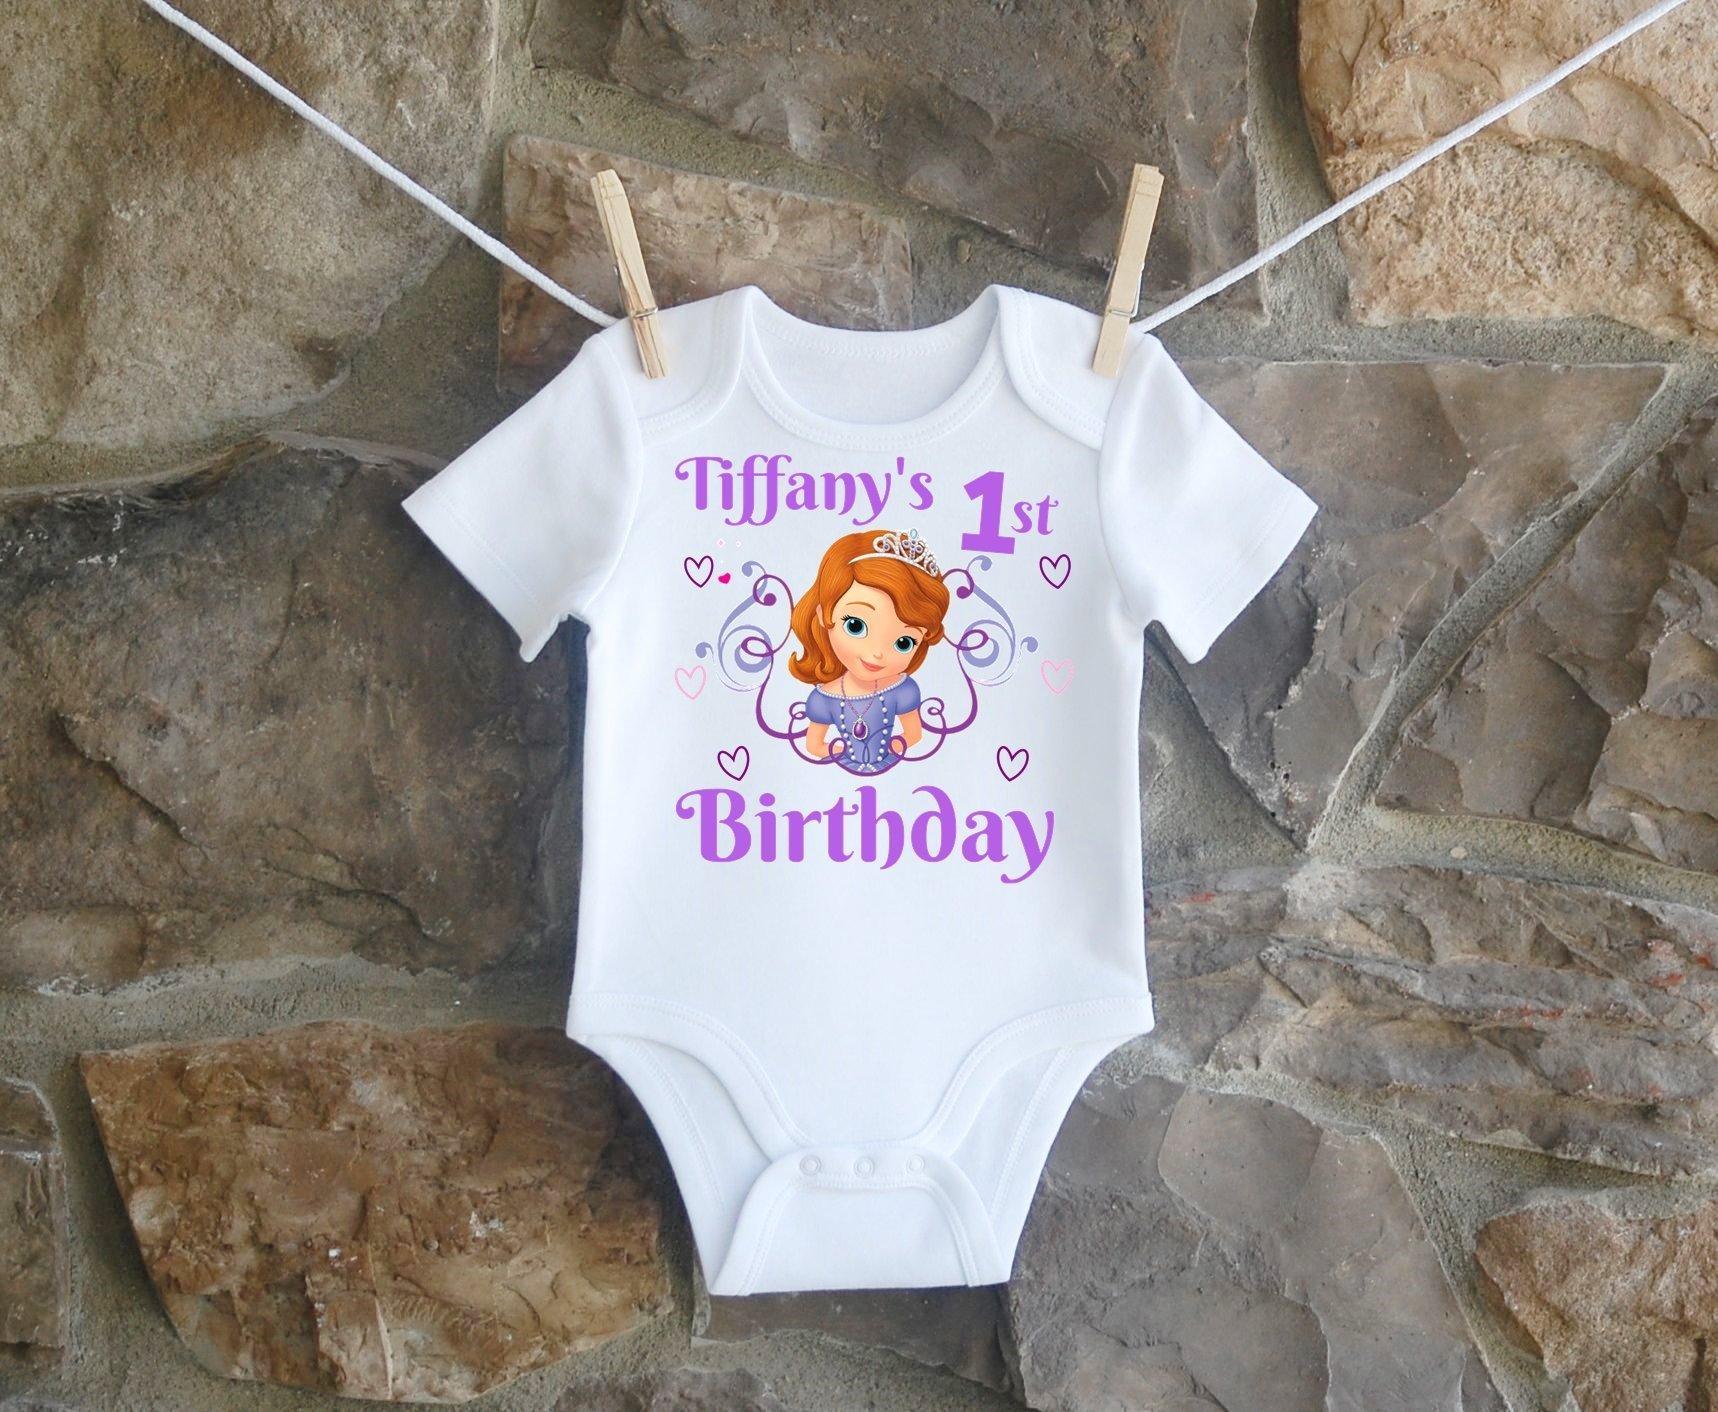 Princess Sophia Birthday Shirt, Princess Sophia Birthday Shirt For Girls, Personalized Girls Princess Sophia Birthday Shirt, Customized Princess Sophia Birthday Shirt